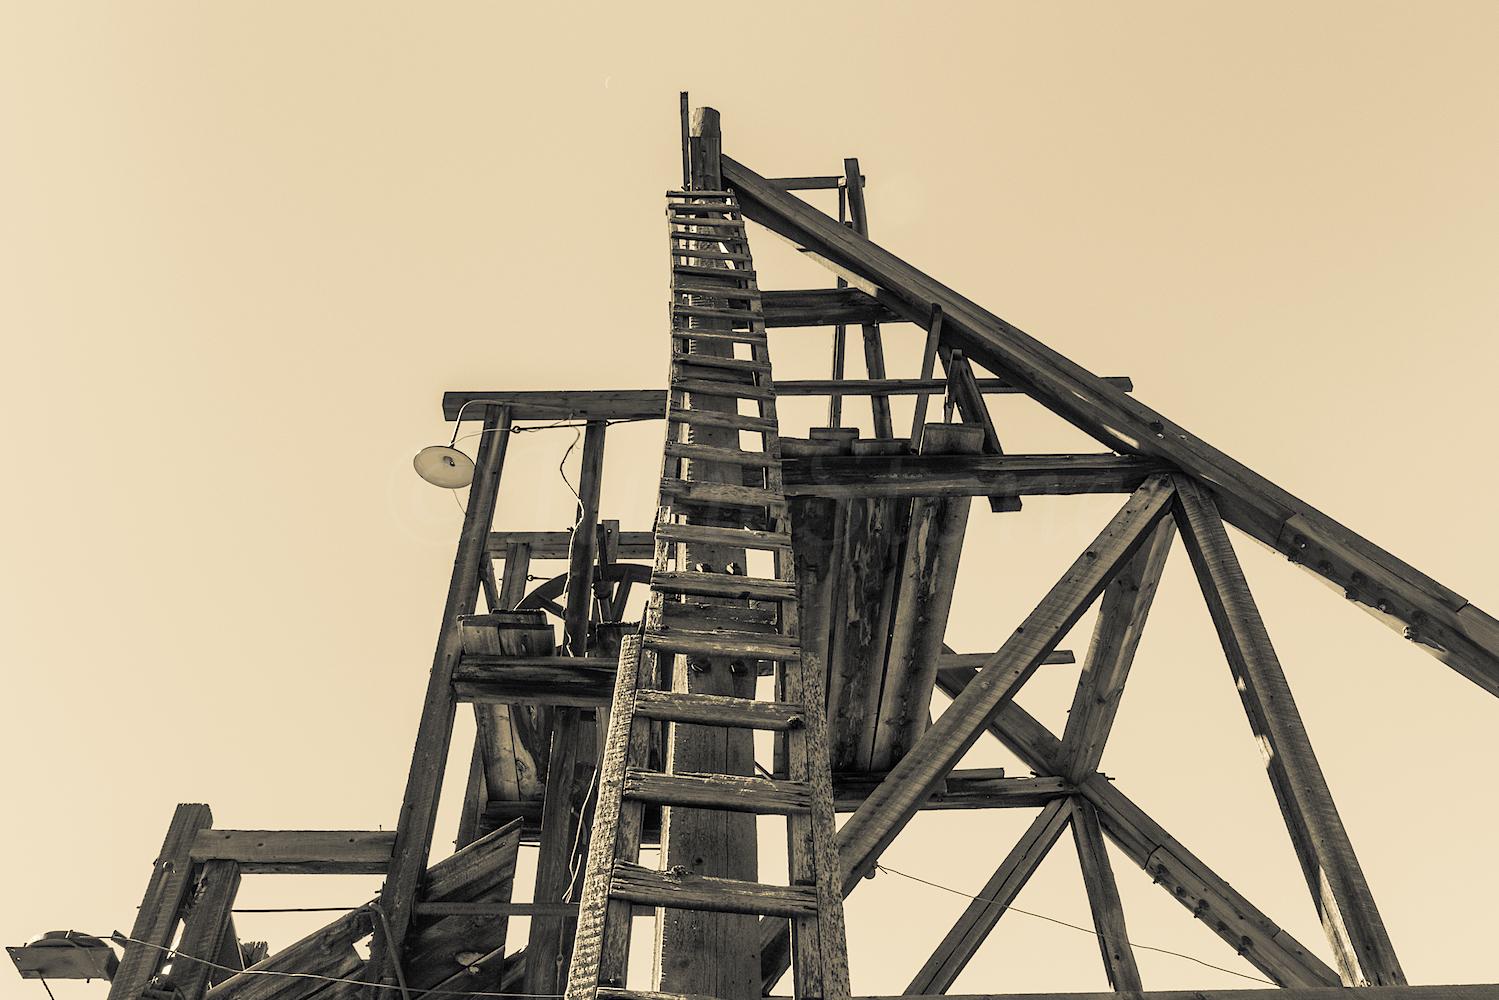 Henson Mine Shaft, Image # 5175